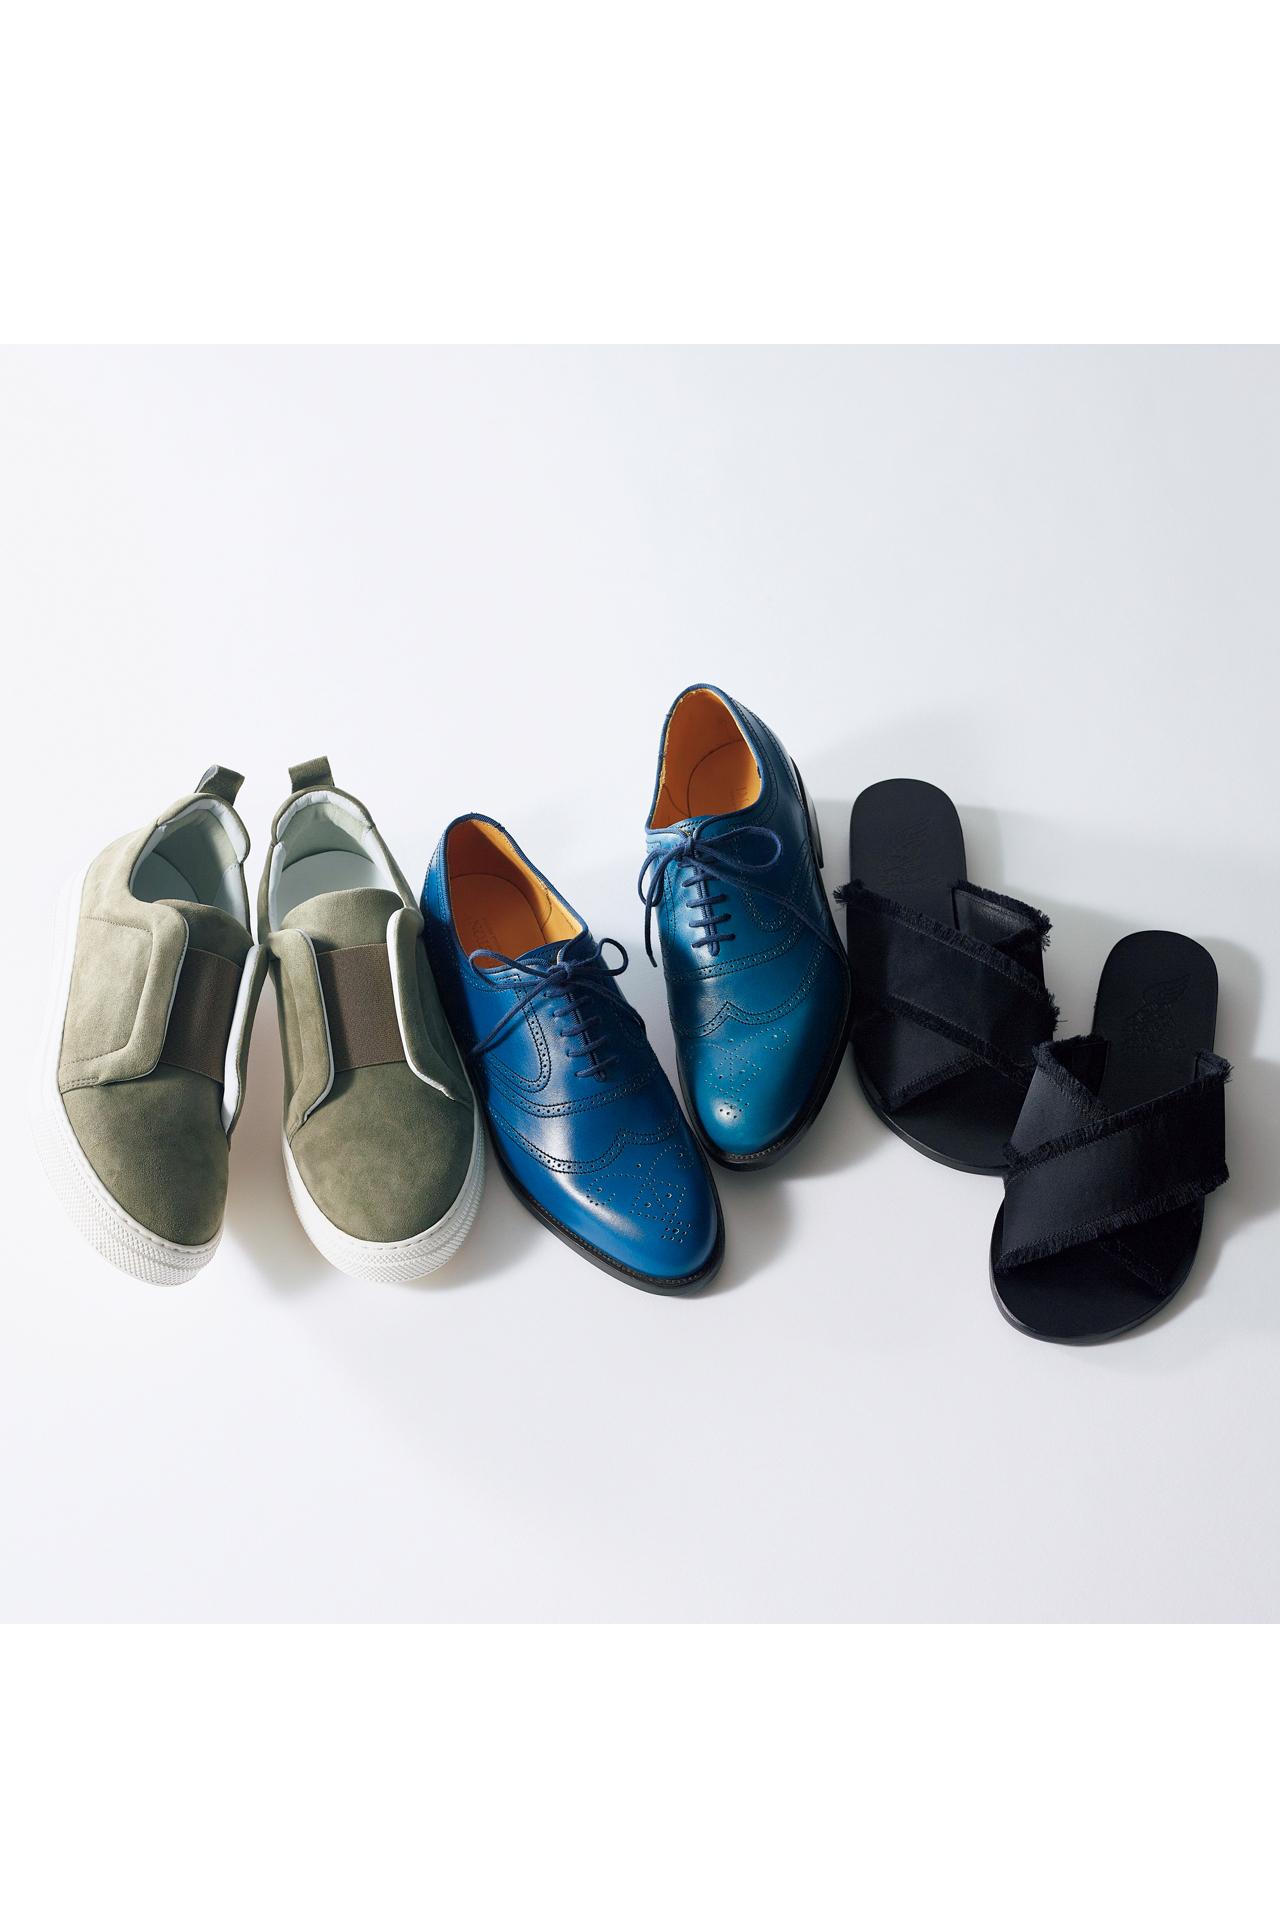 バッグは「きれいめ」、靴はフラットで「ハズす」 TOKYOベーシックスタイル_1_1-5